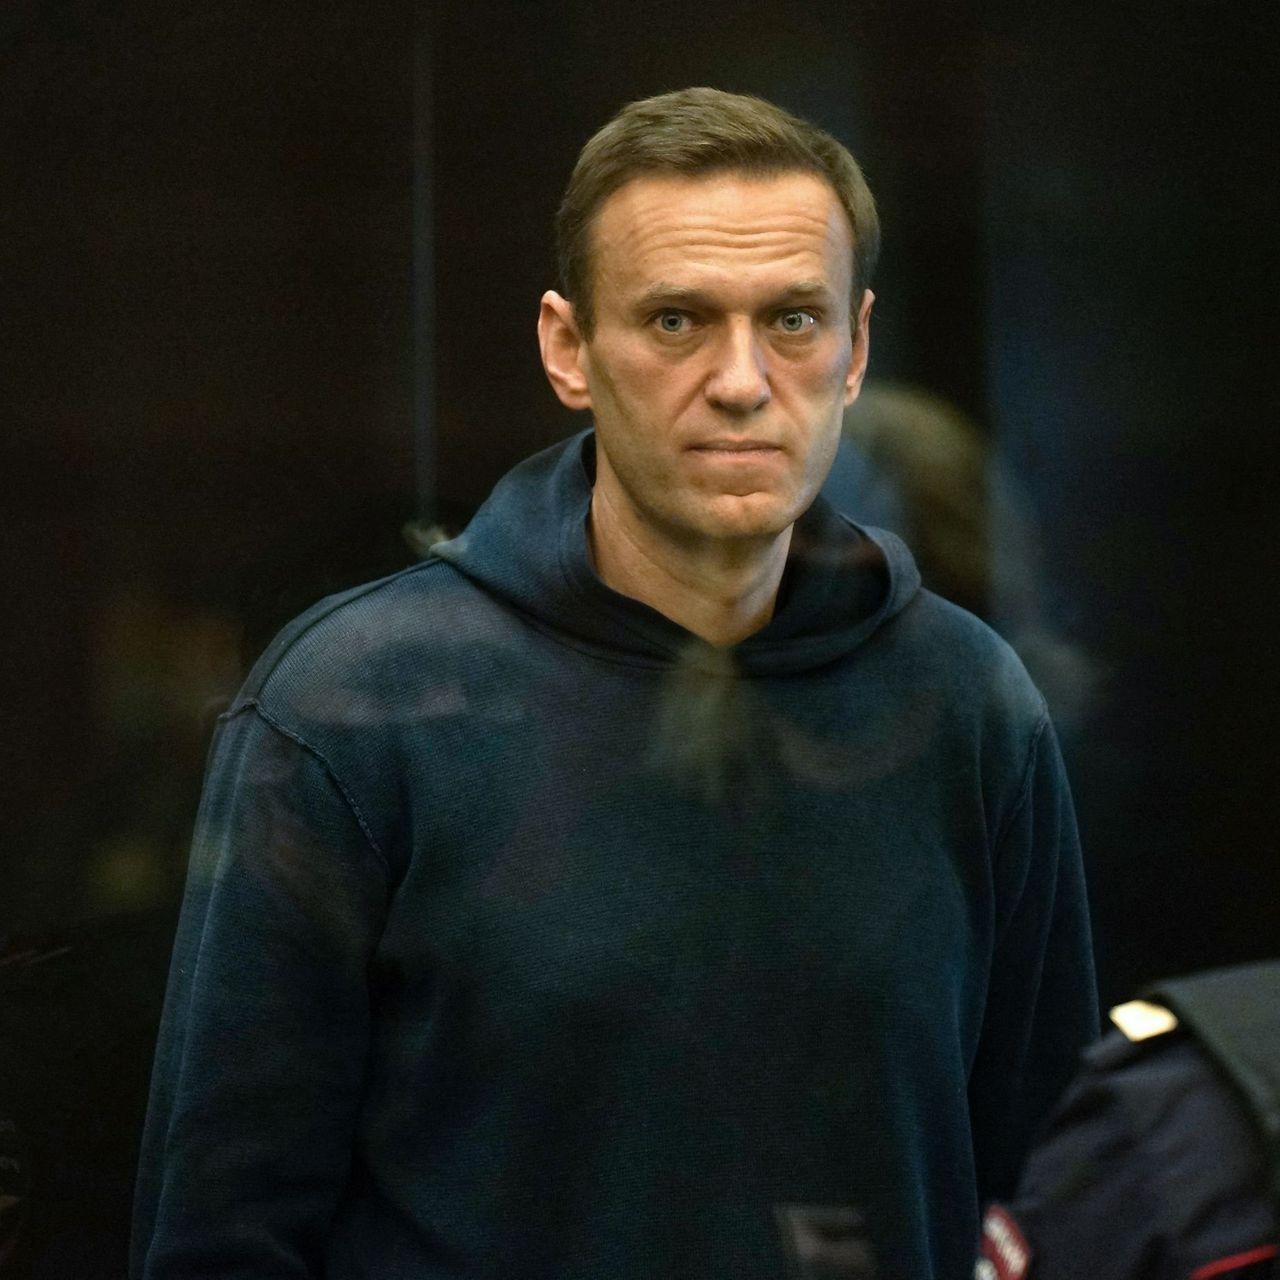 Rusia traslada al líder opositor Alexei Navalny al hospital tras huelga de hambre